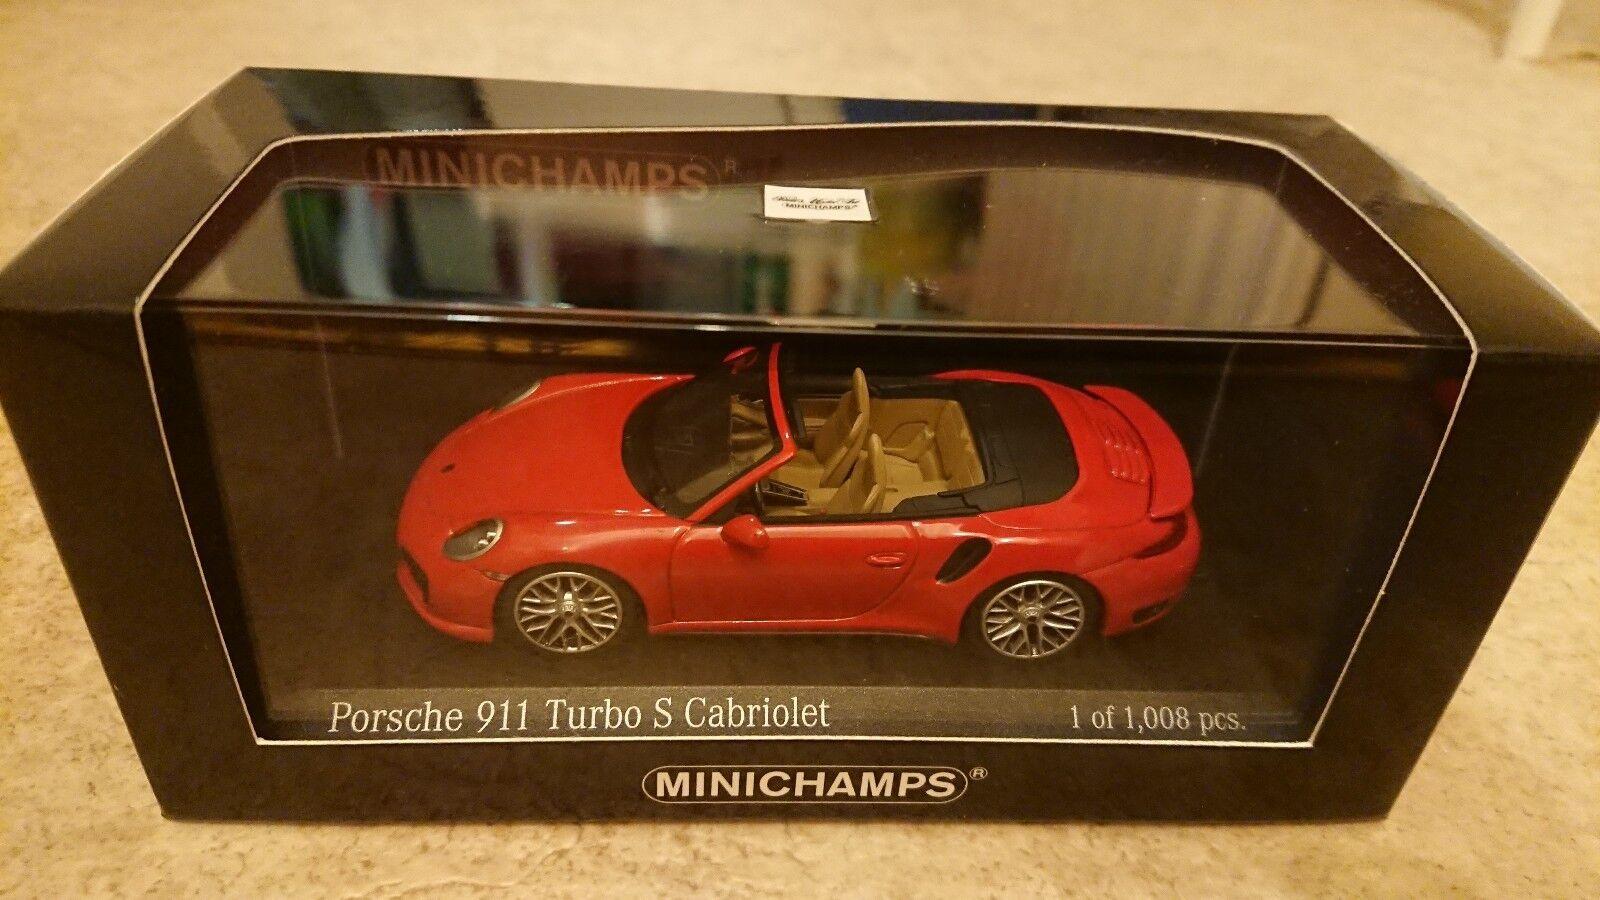 Rare Minichamps Porsche 911 Turbo S cabroilet red Ltd edition 1008 1 43